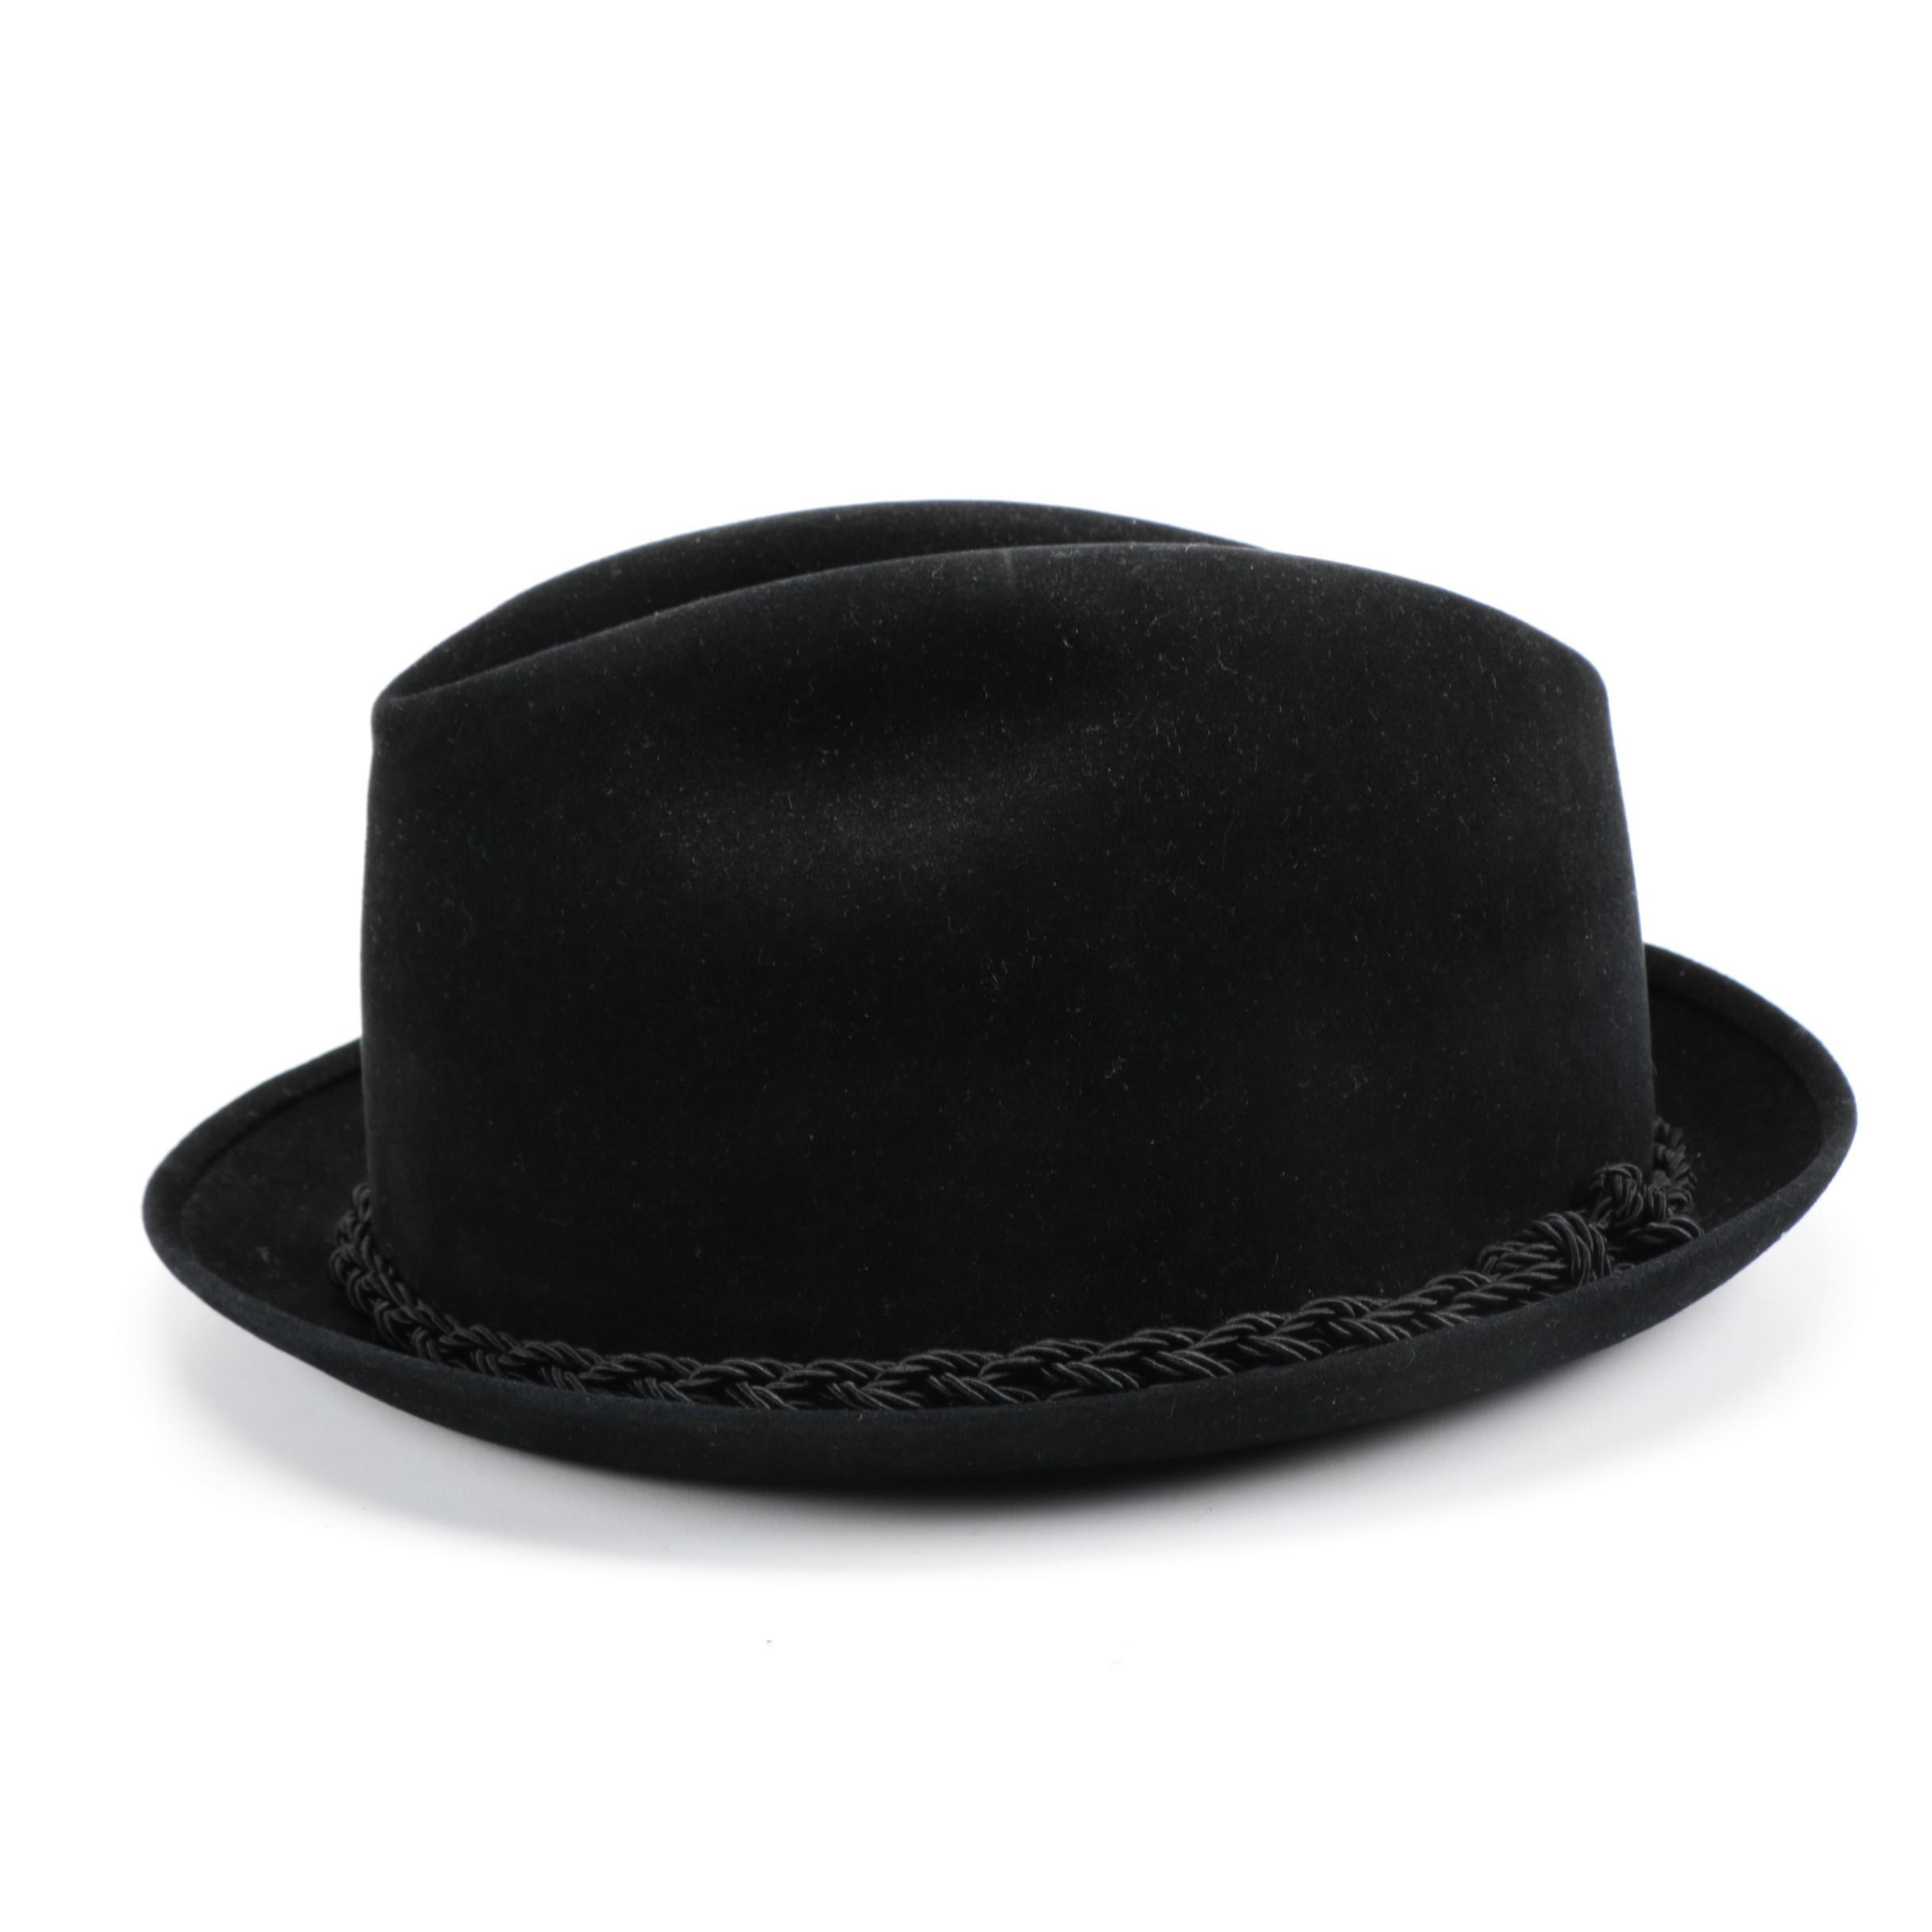 P&C Habig Men's Fedora Hat